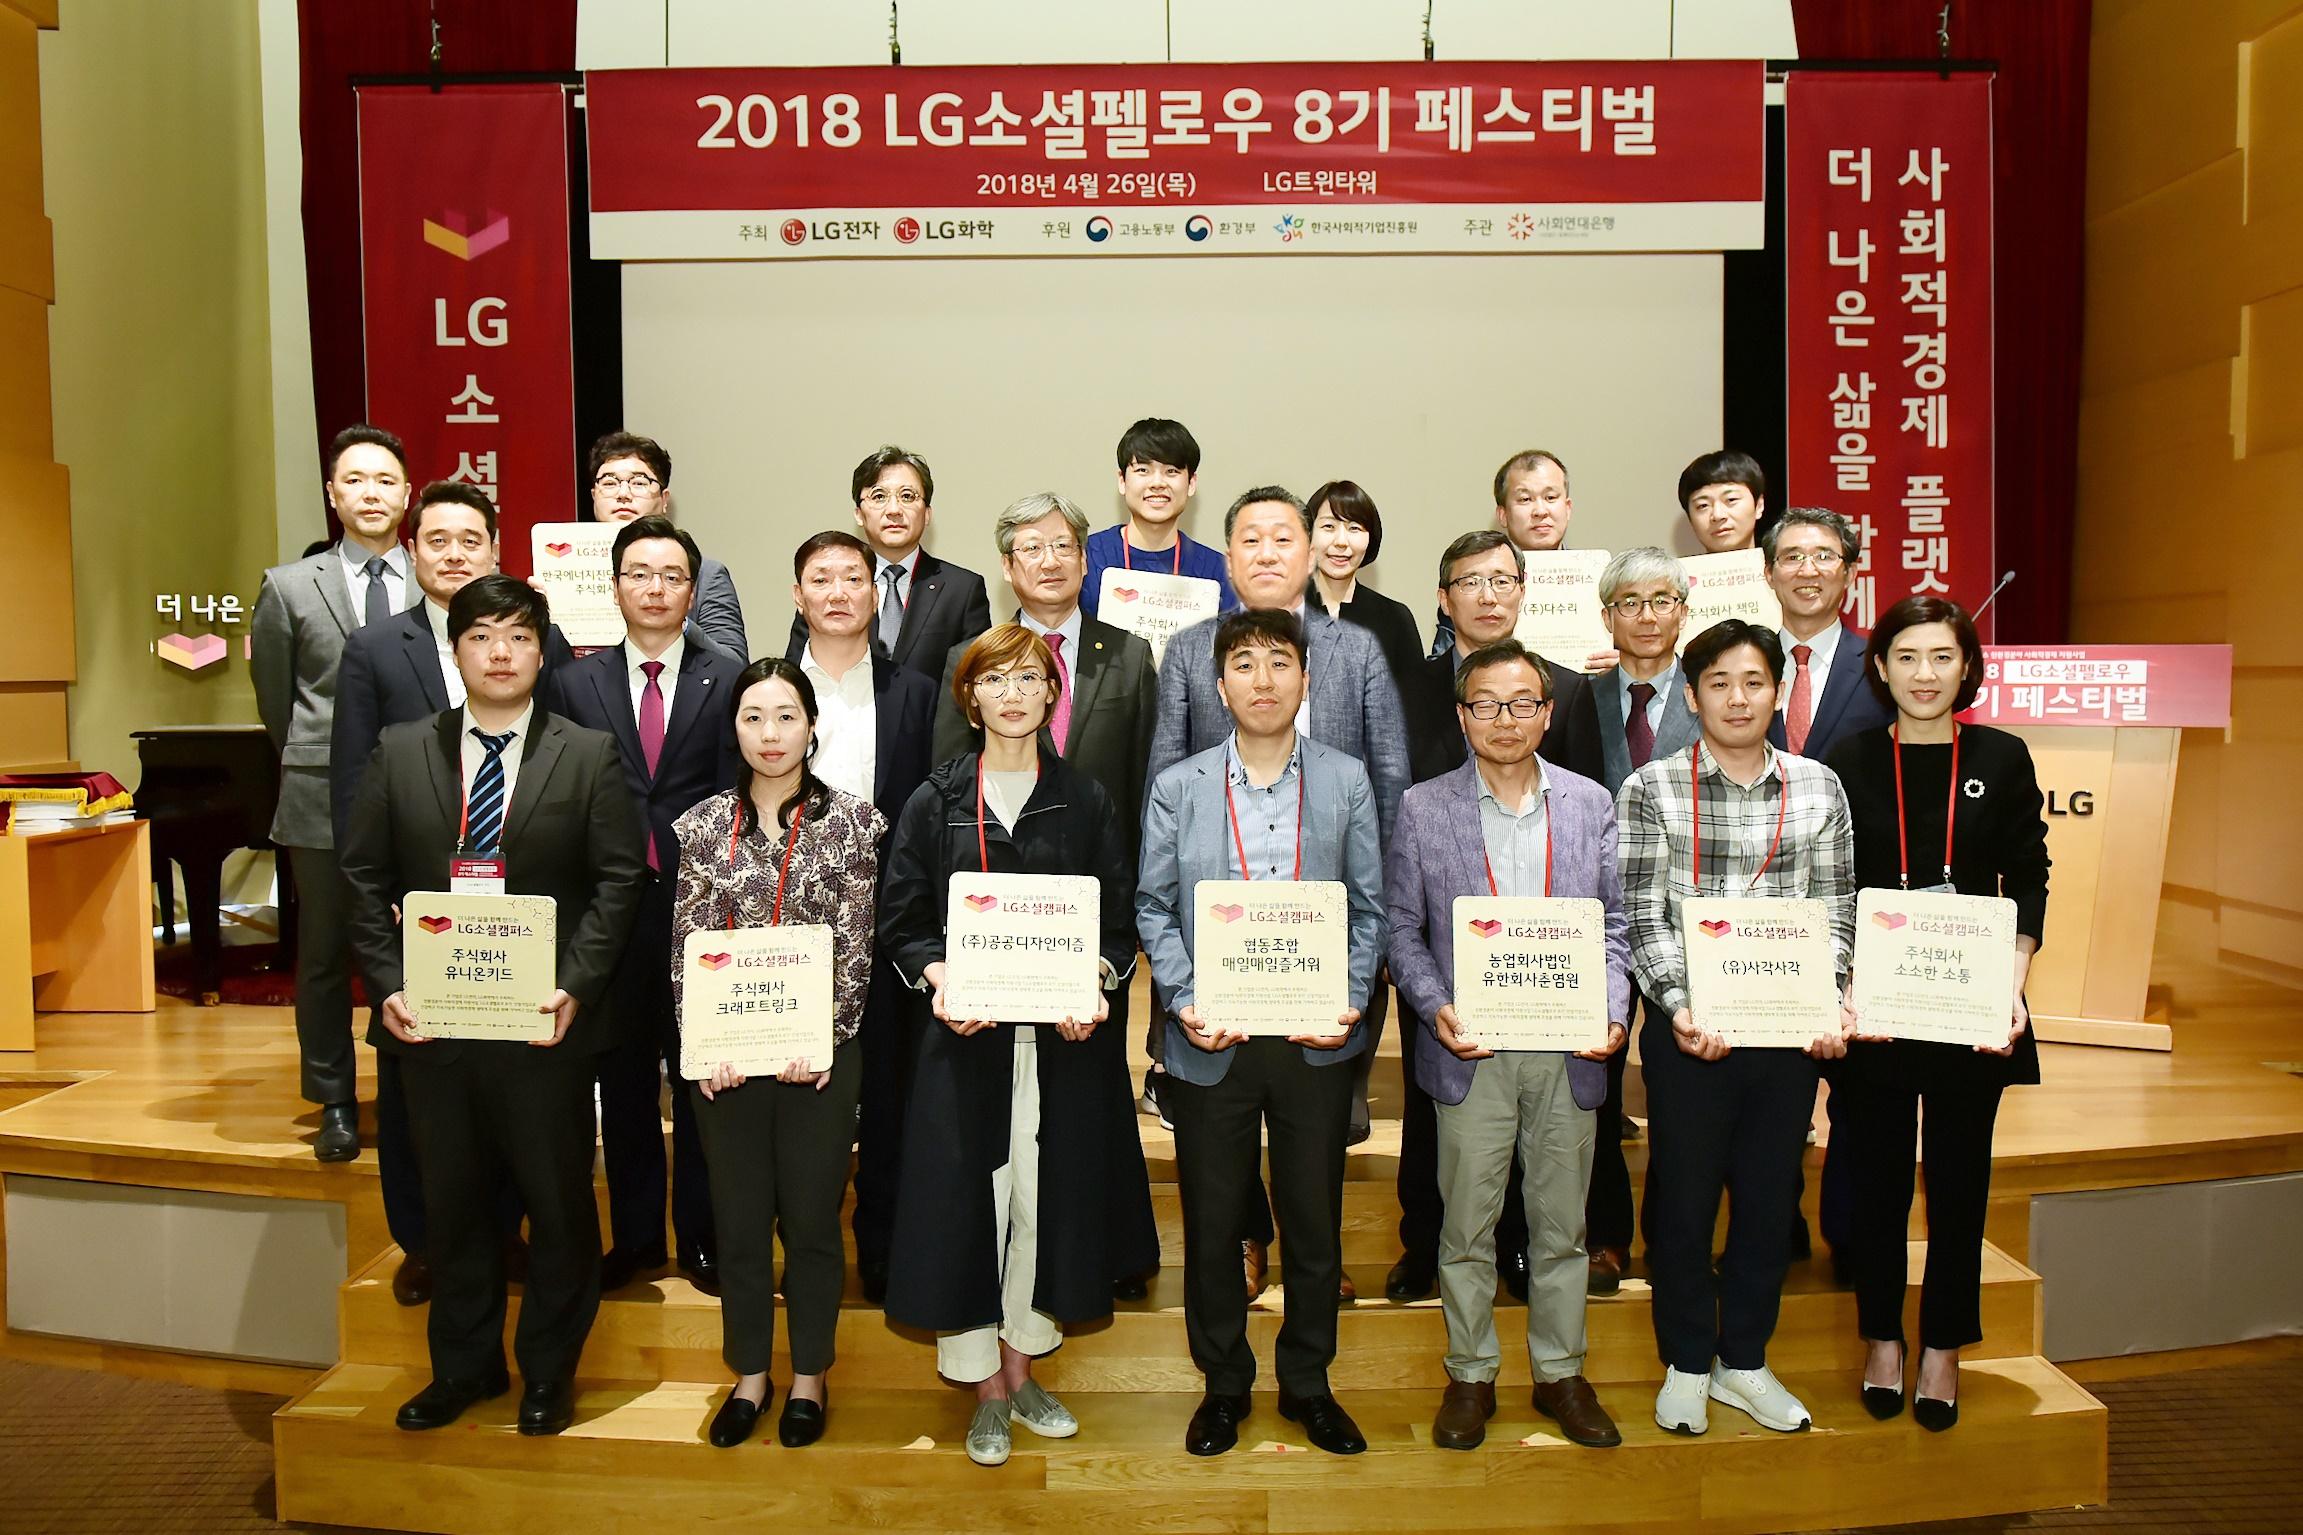 LG소셜펠로우 단체사진